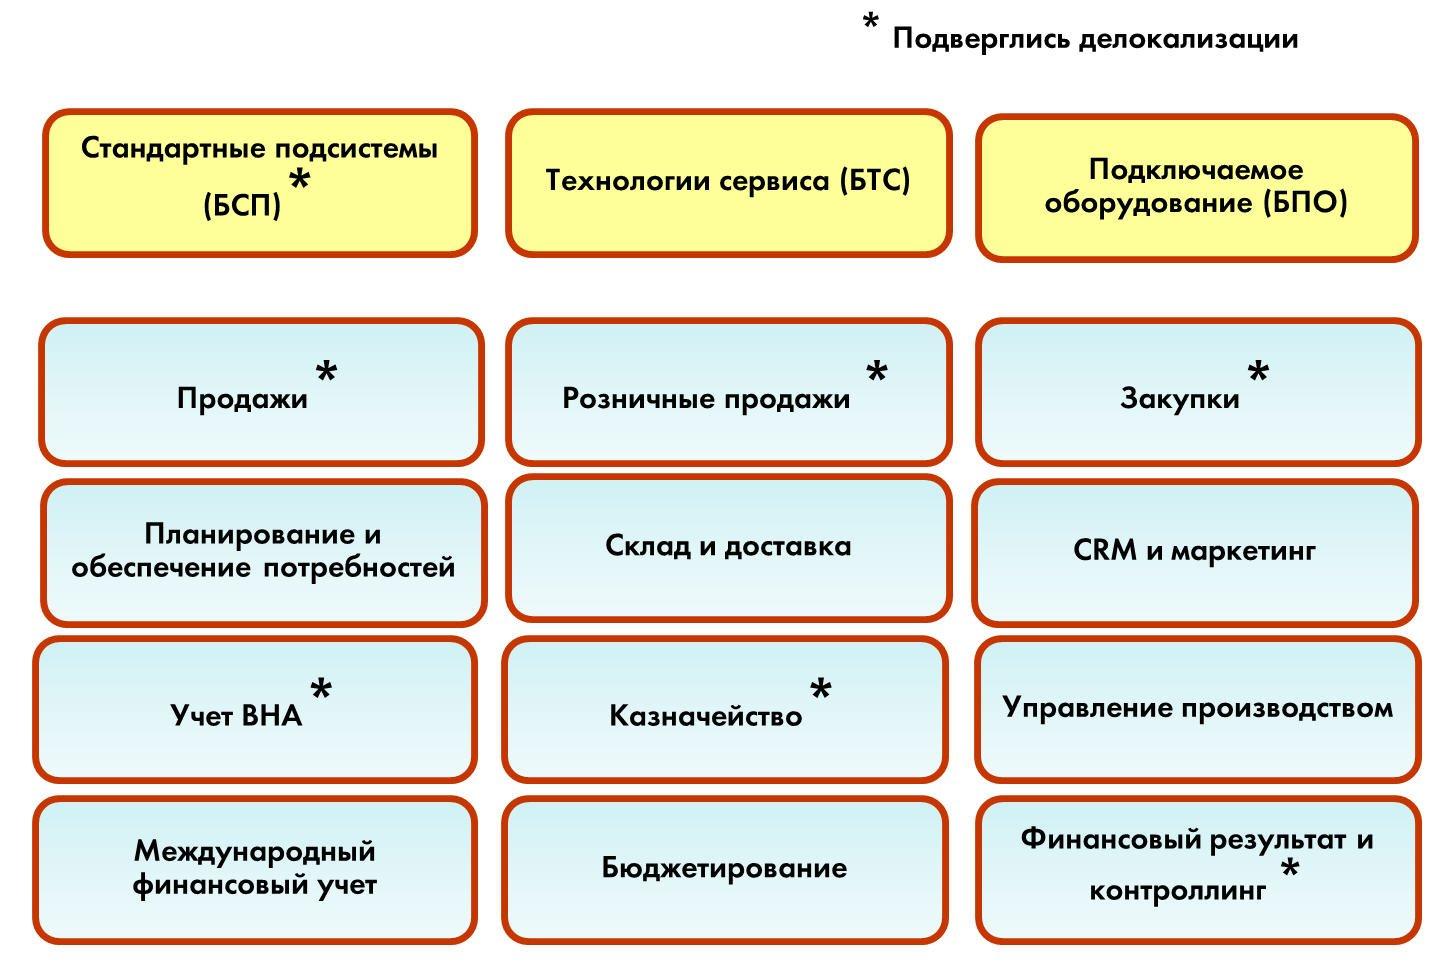 Бета-версия «1С:ERP WE» — делокализованное решение «1С:ERP», Состав ERP WE